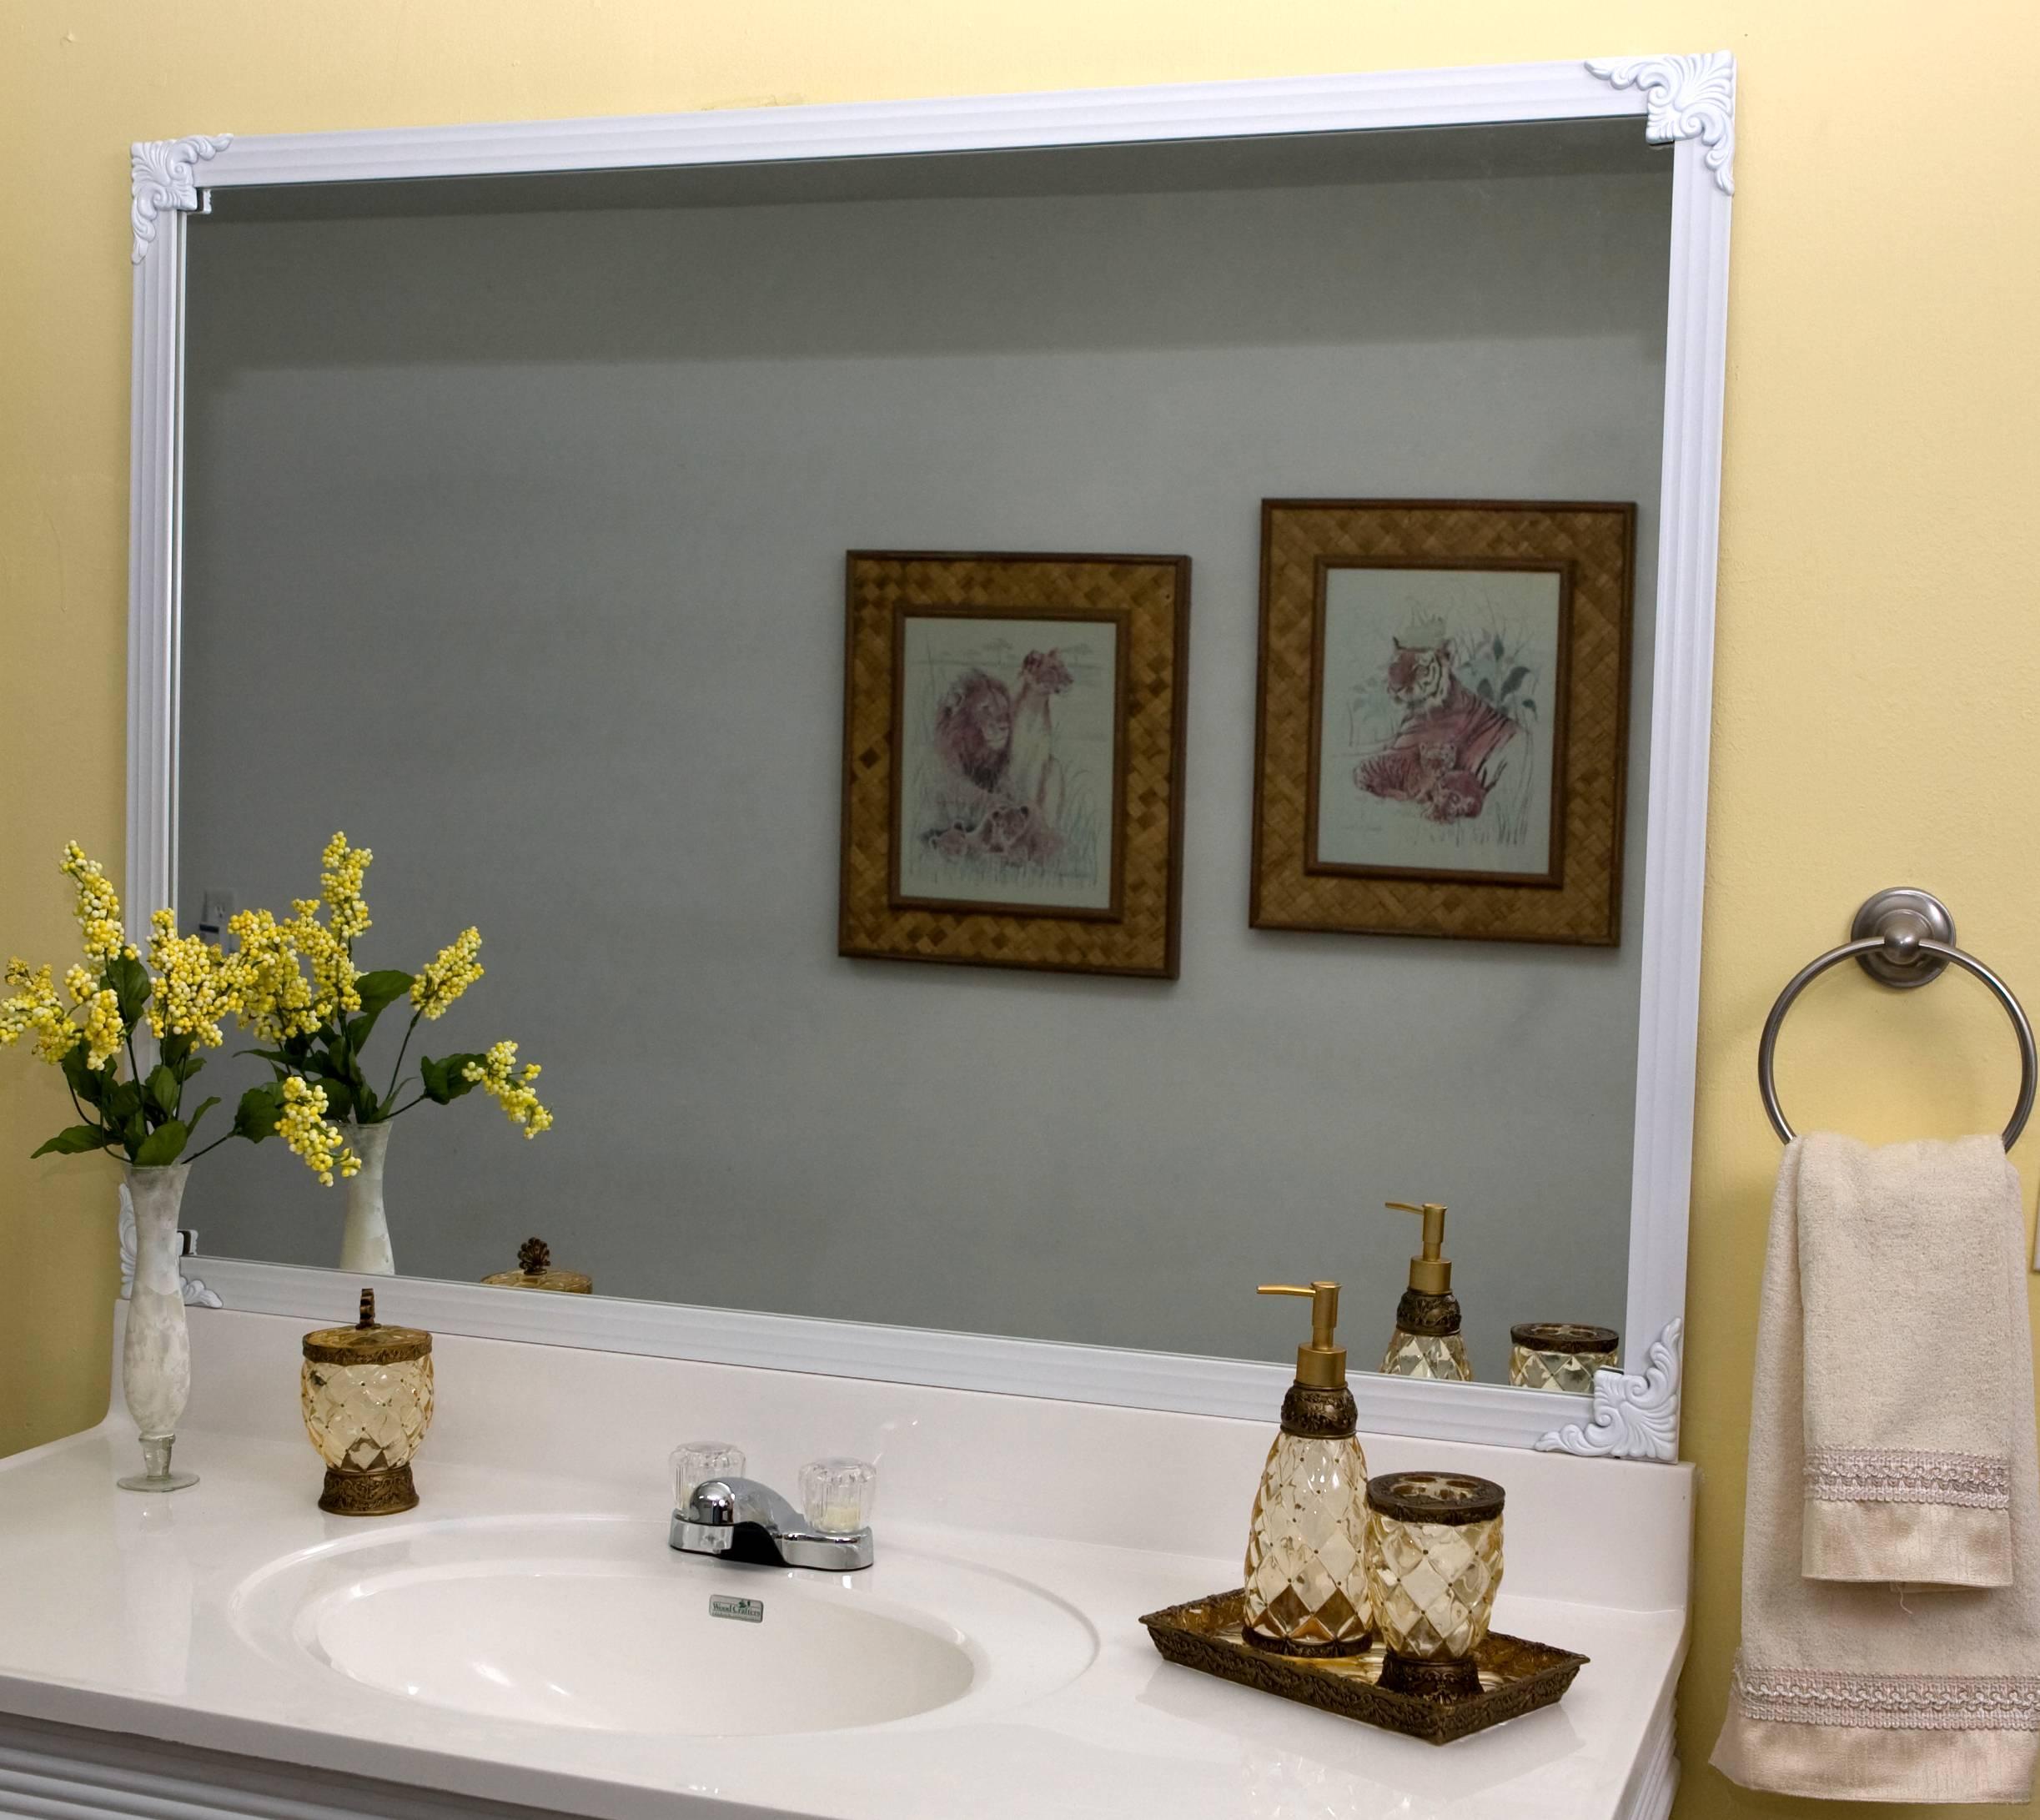 Mirredge Diy Mirror Framing Kit Up To 75 In X 72